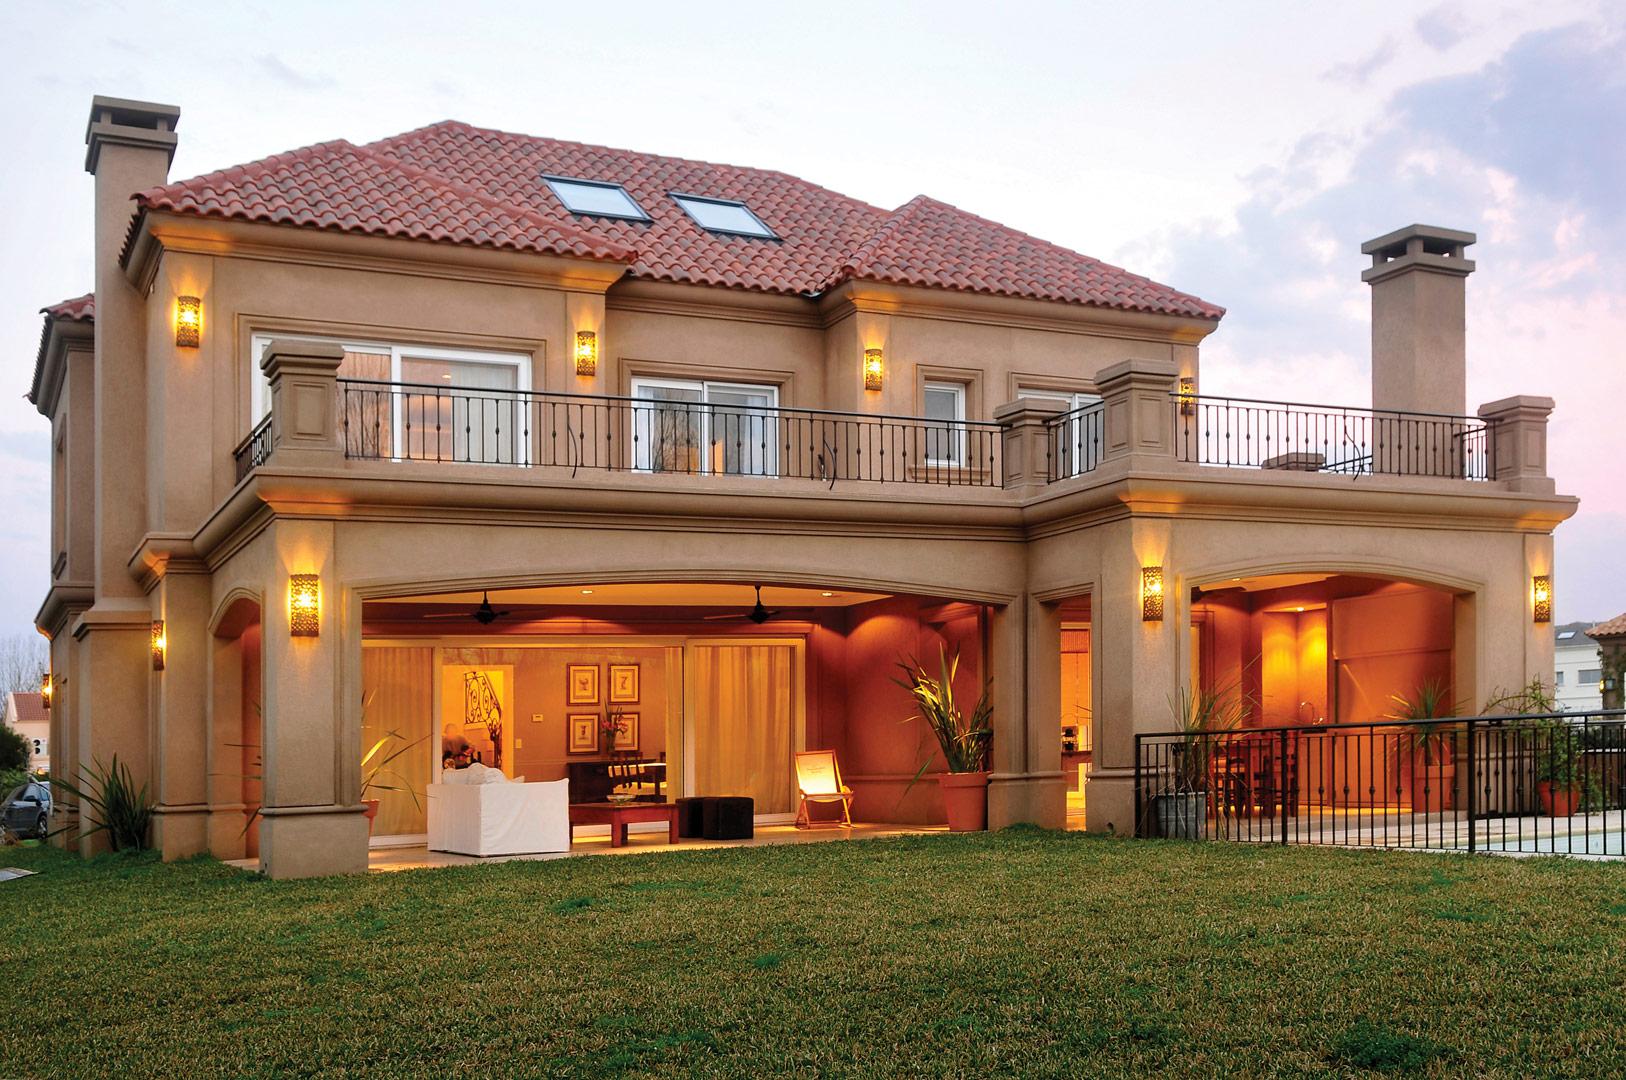 Fern ndez borda arquitectura casa estilo cl sico Casa y ideas